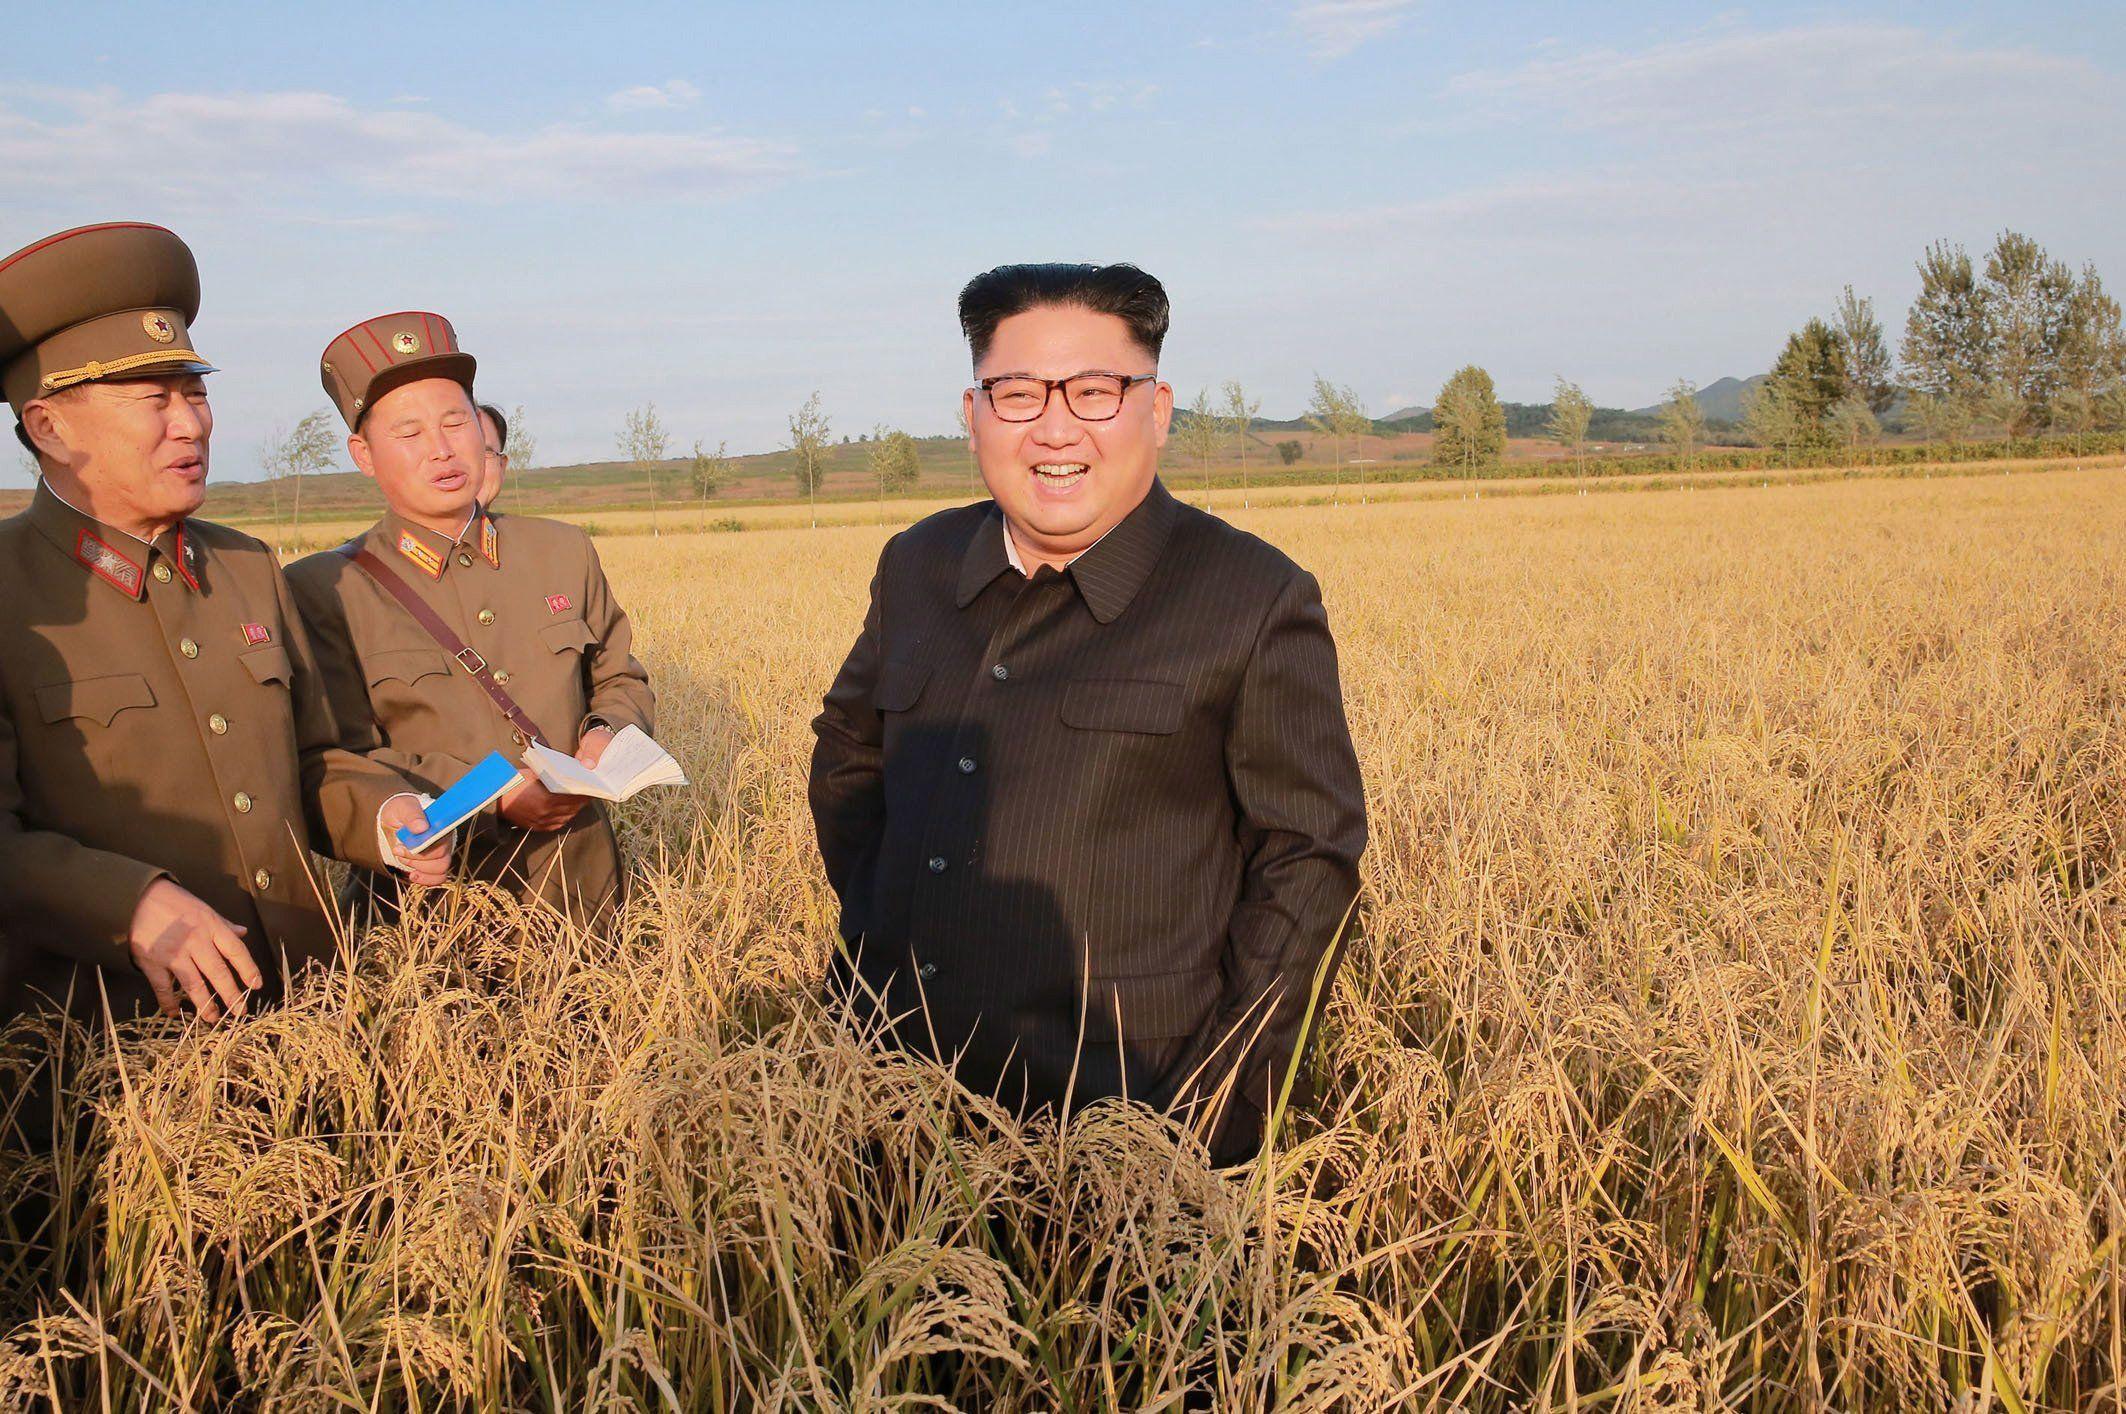 Észak-Korea, 2017. szeptember 30. Az észak-koreai kormány által 2017. szeptember 30-án közreadott dátummegjelölés nélküli képen Kim Dzsong Un első számú észak-koreai vezetõ, a Koreai Munkapárt első titkára látogatást tesz egy gazdaságban egy ismeretlen észak-koreai helyszínen. (MTI/AP/KCNA/KNS)